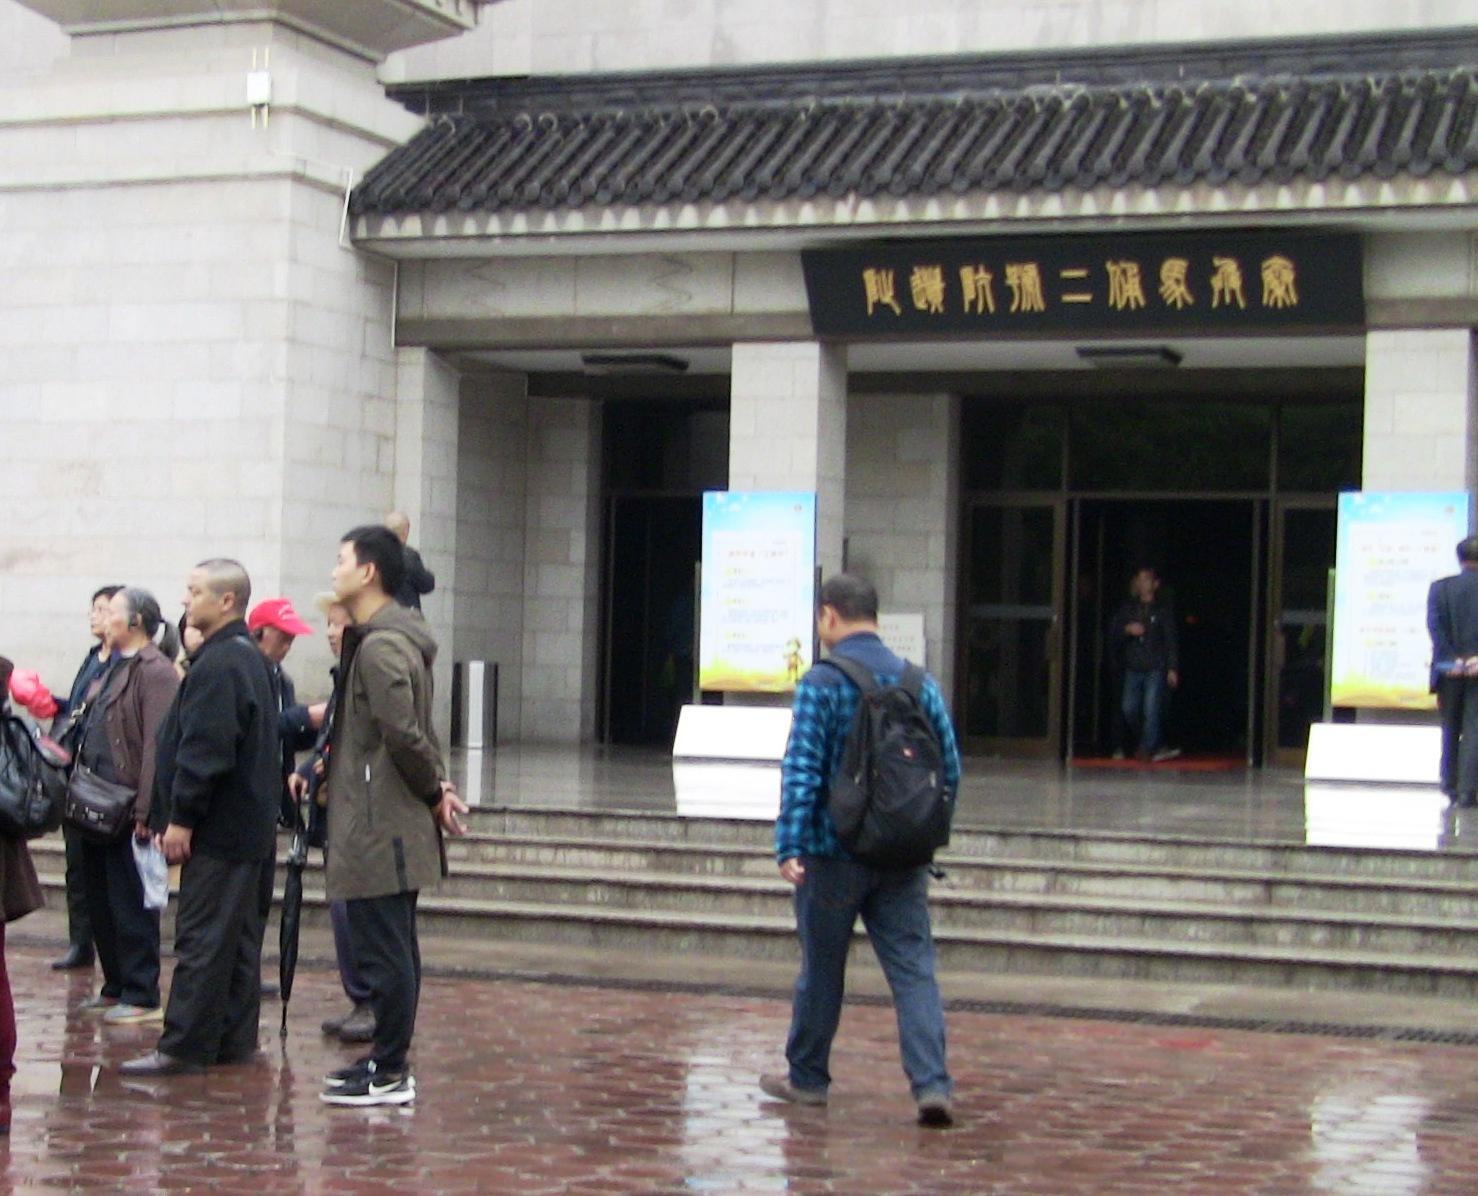 『 北京首都国際空港から西安の兵馬俑に行ってみる 』 ..入り口の奥が出口になっていて、二号兵馬俑坑へと続きます。..